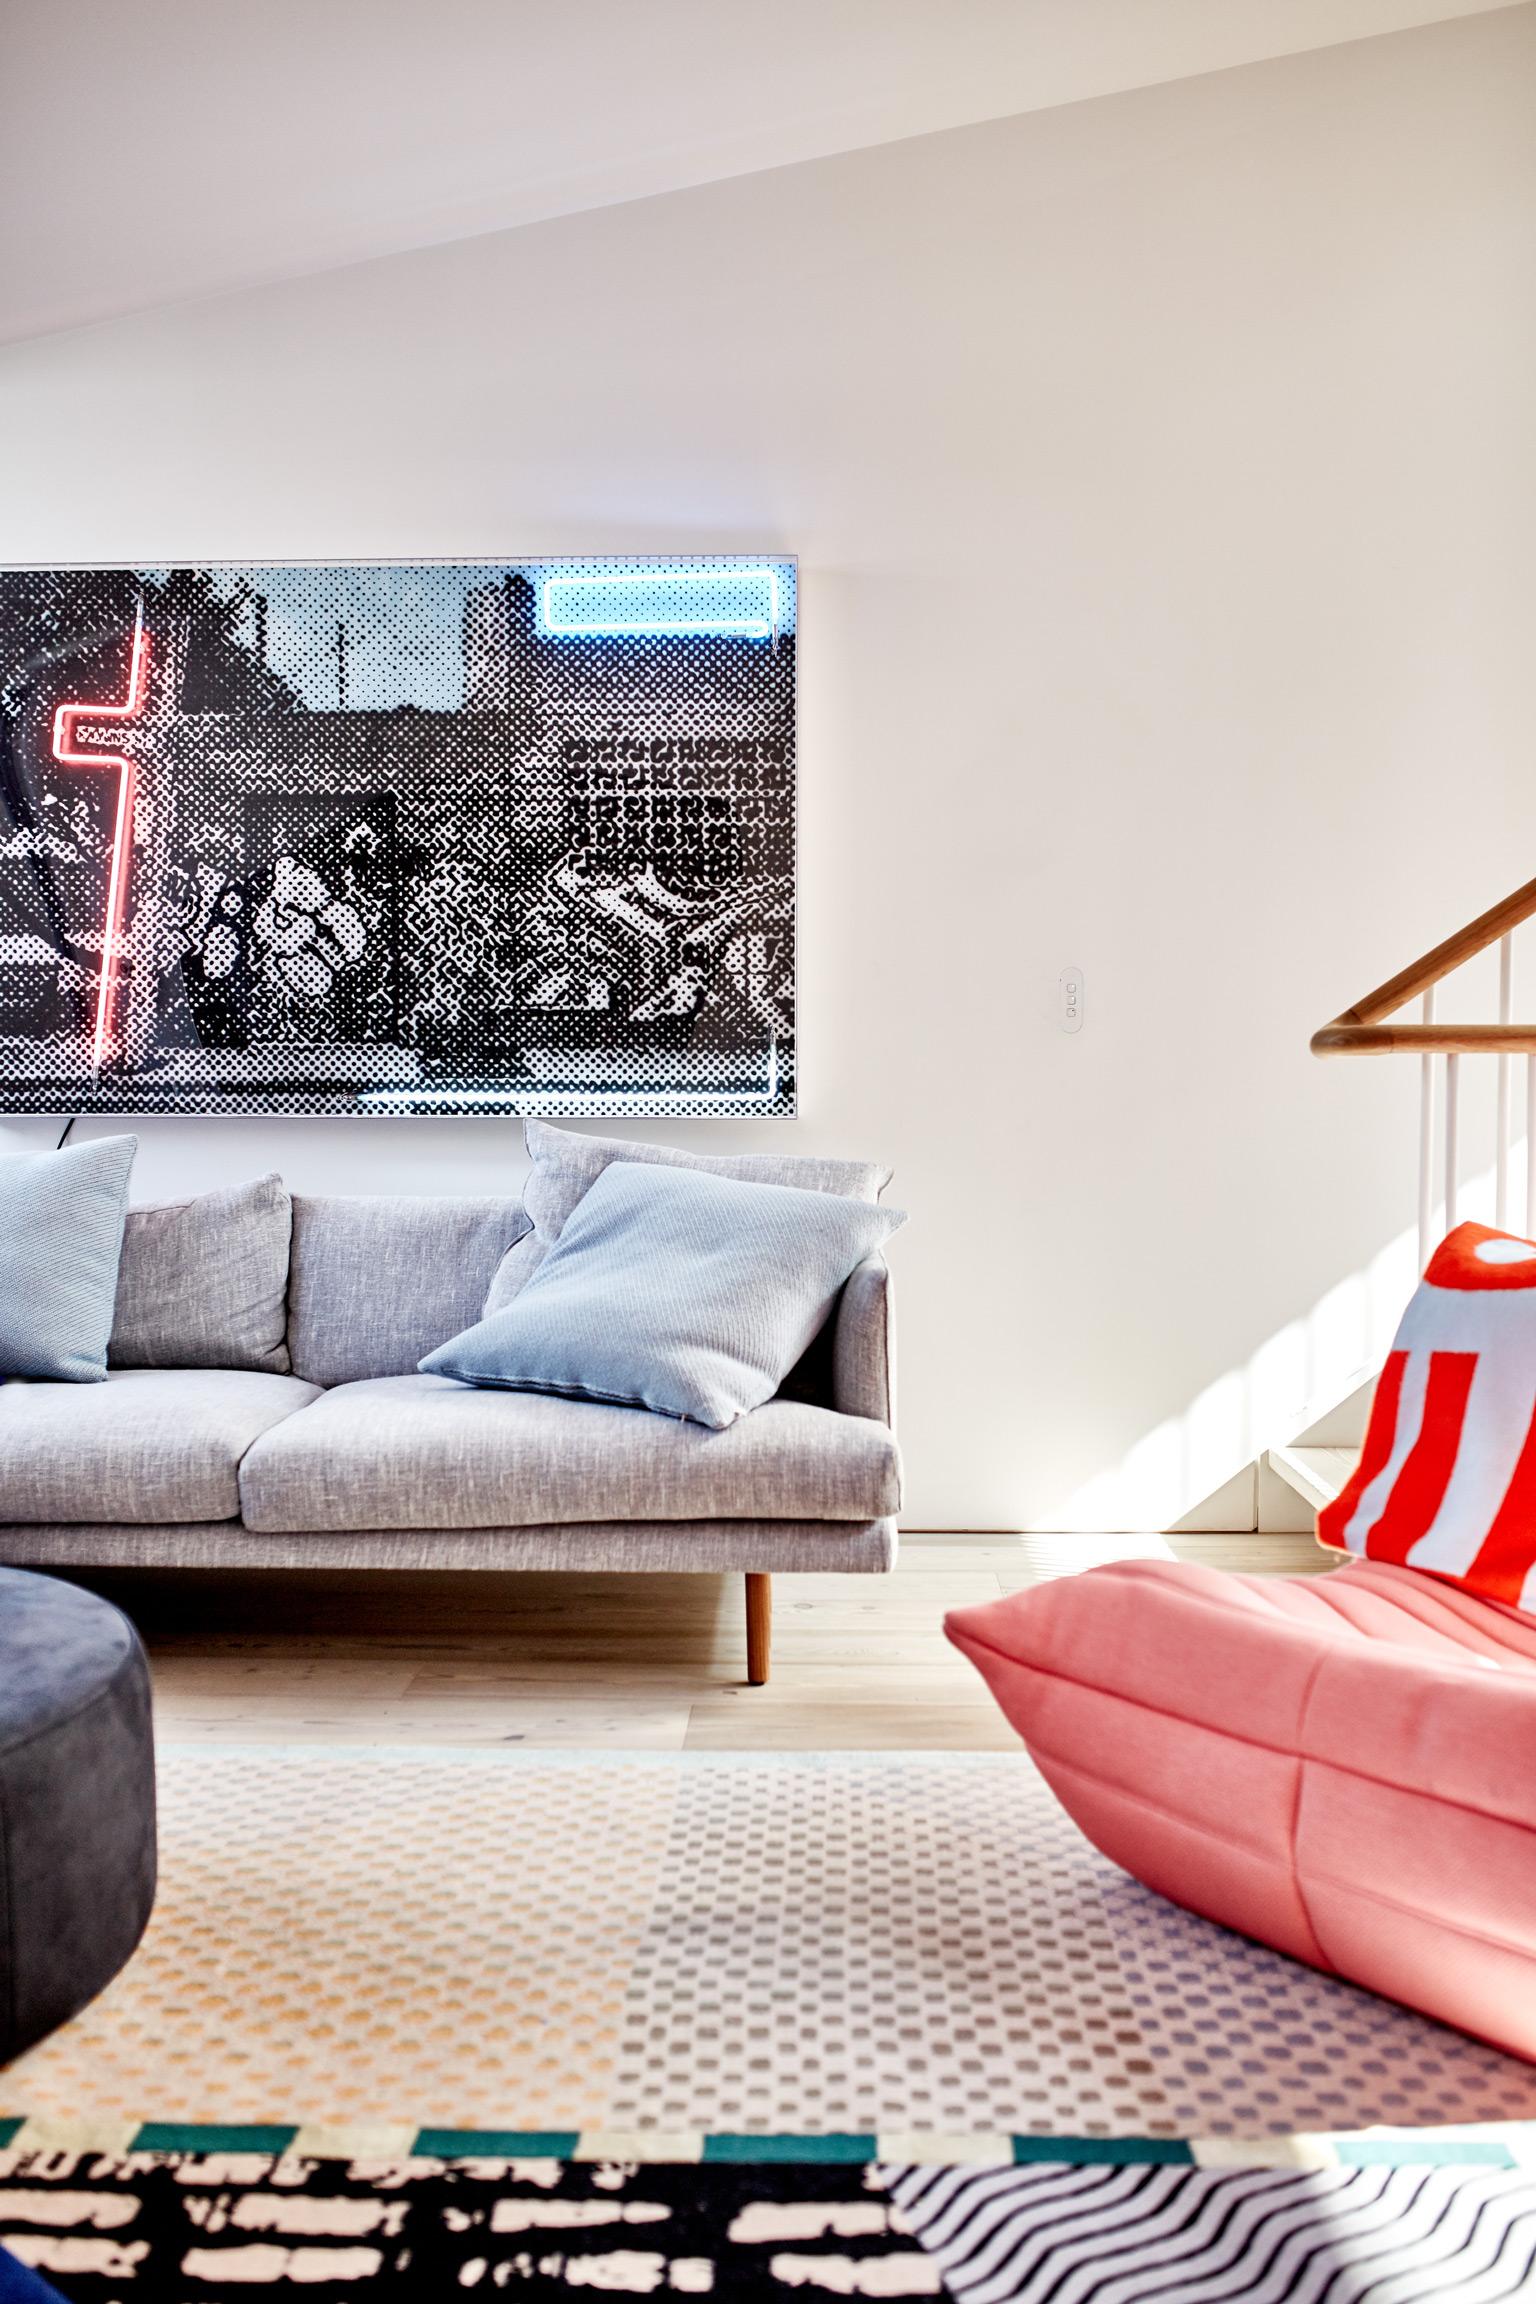 Gwynne Street, 2017  Airbrush acrylic polymer and neon on dibond, acrylic frame 110x170cm